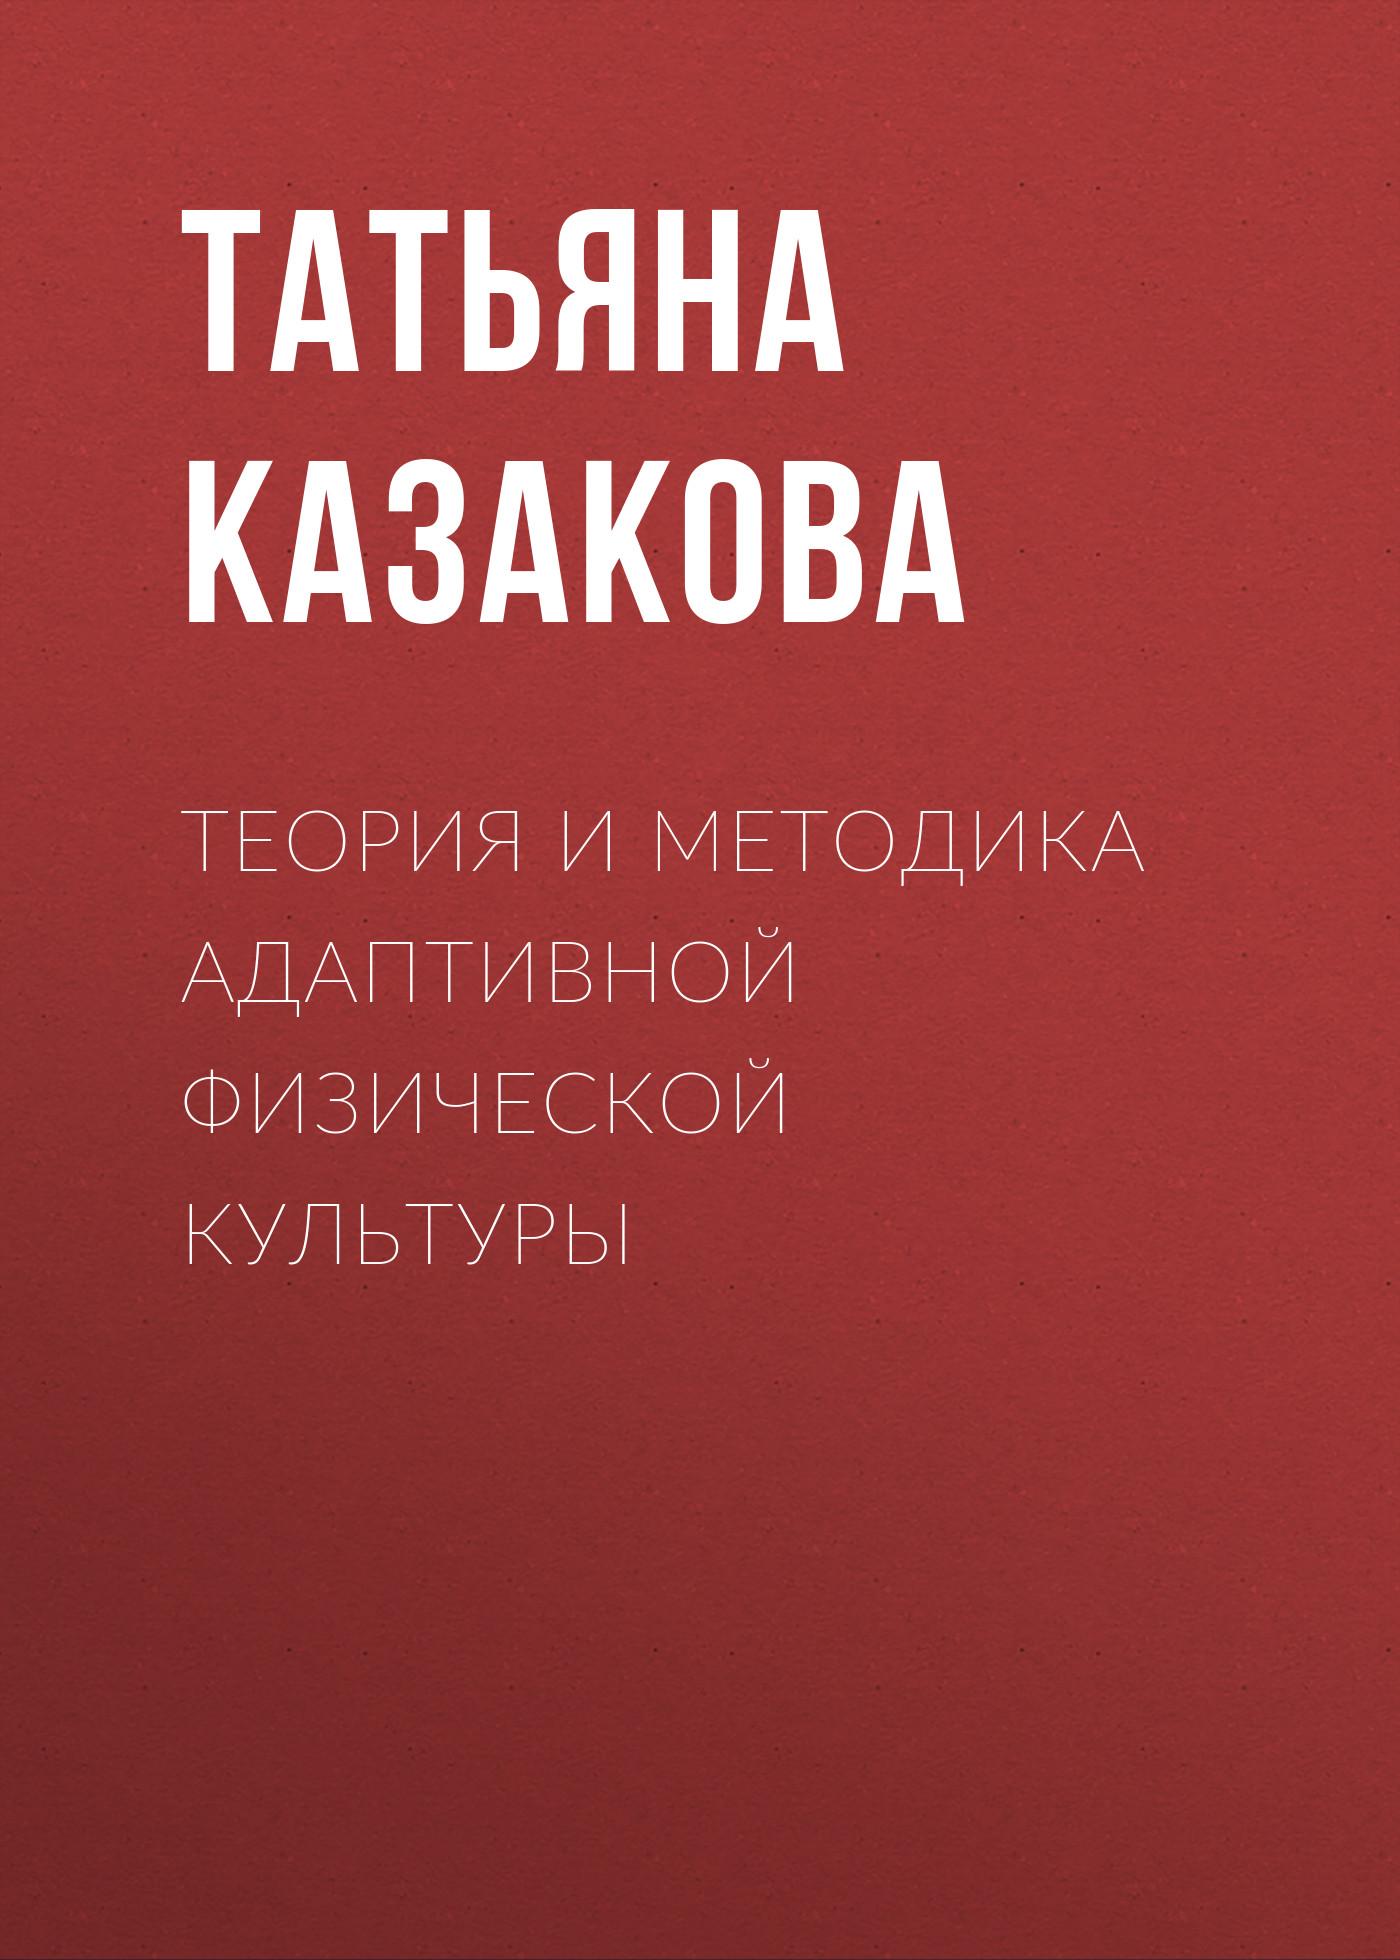 Татьяна Казакова Теория и методика адаптивной физической культуры основы адаптивной двигательной реабилитации несовершеннолетних